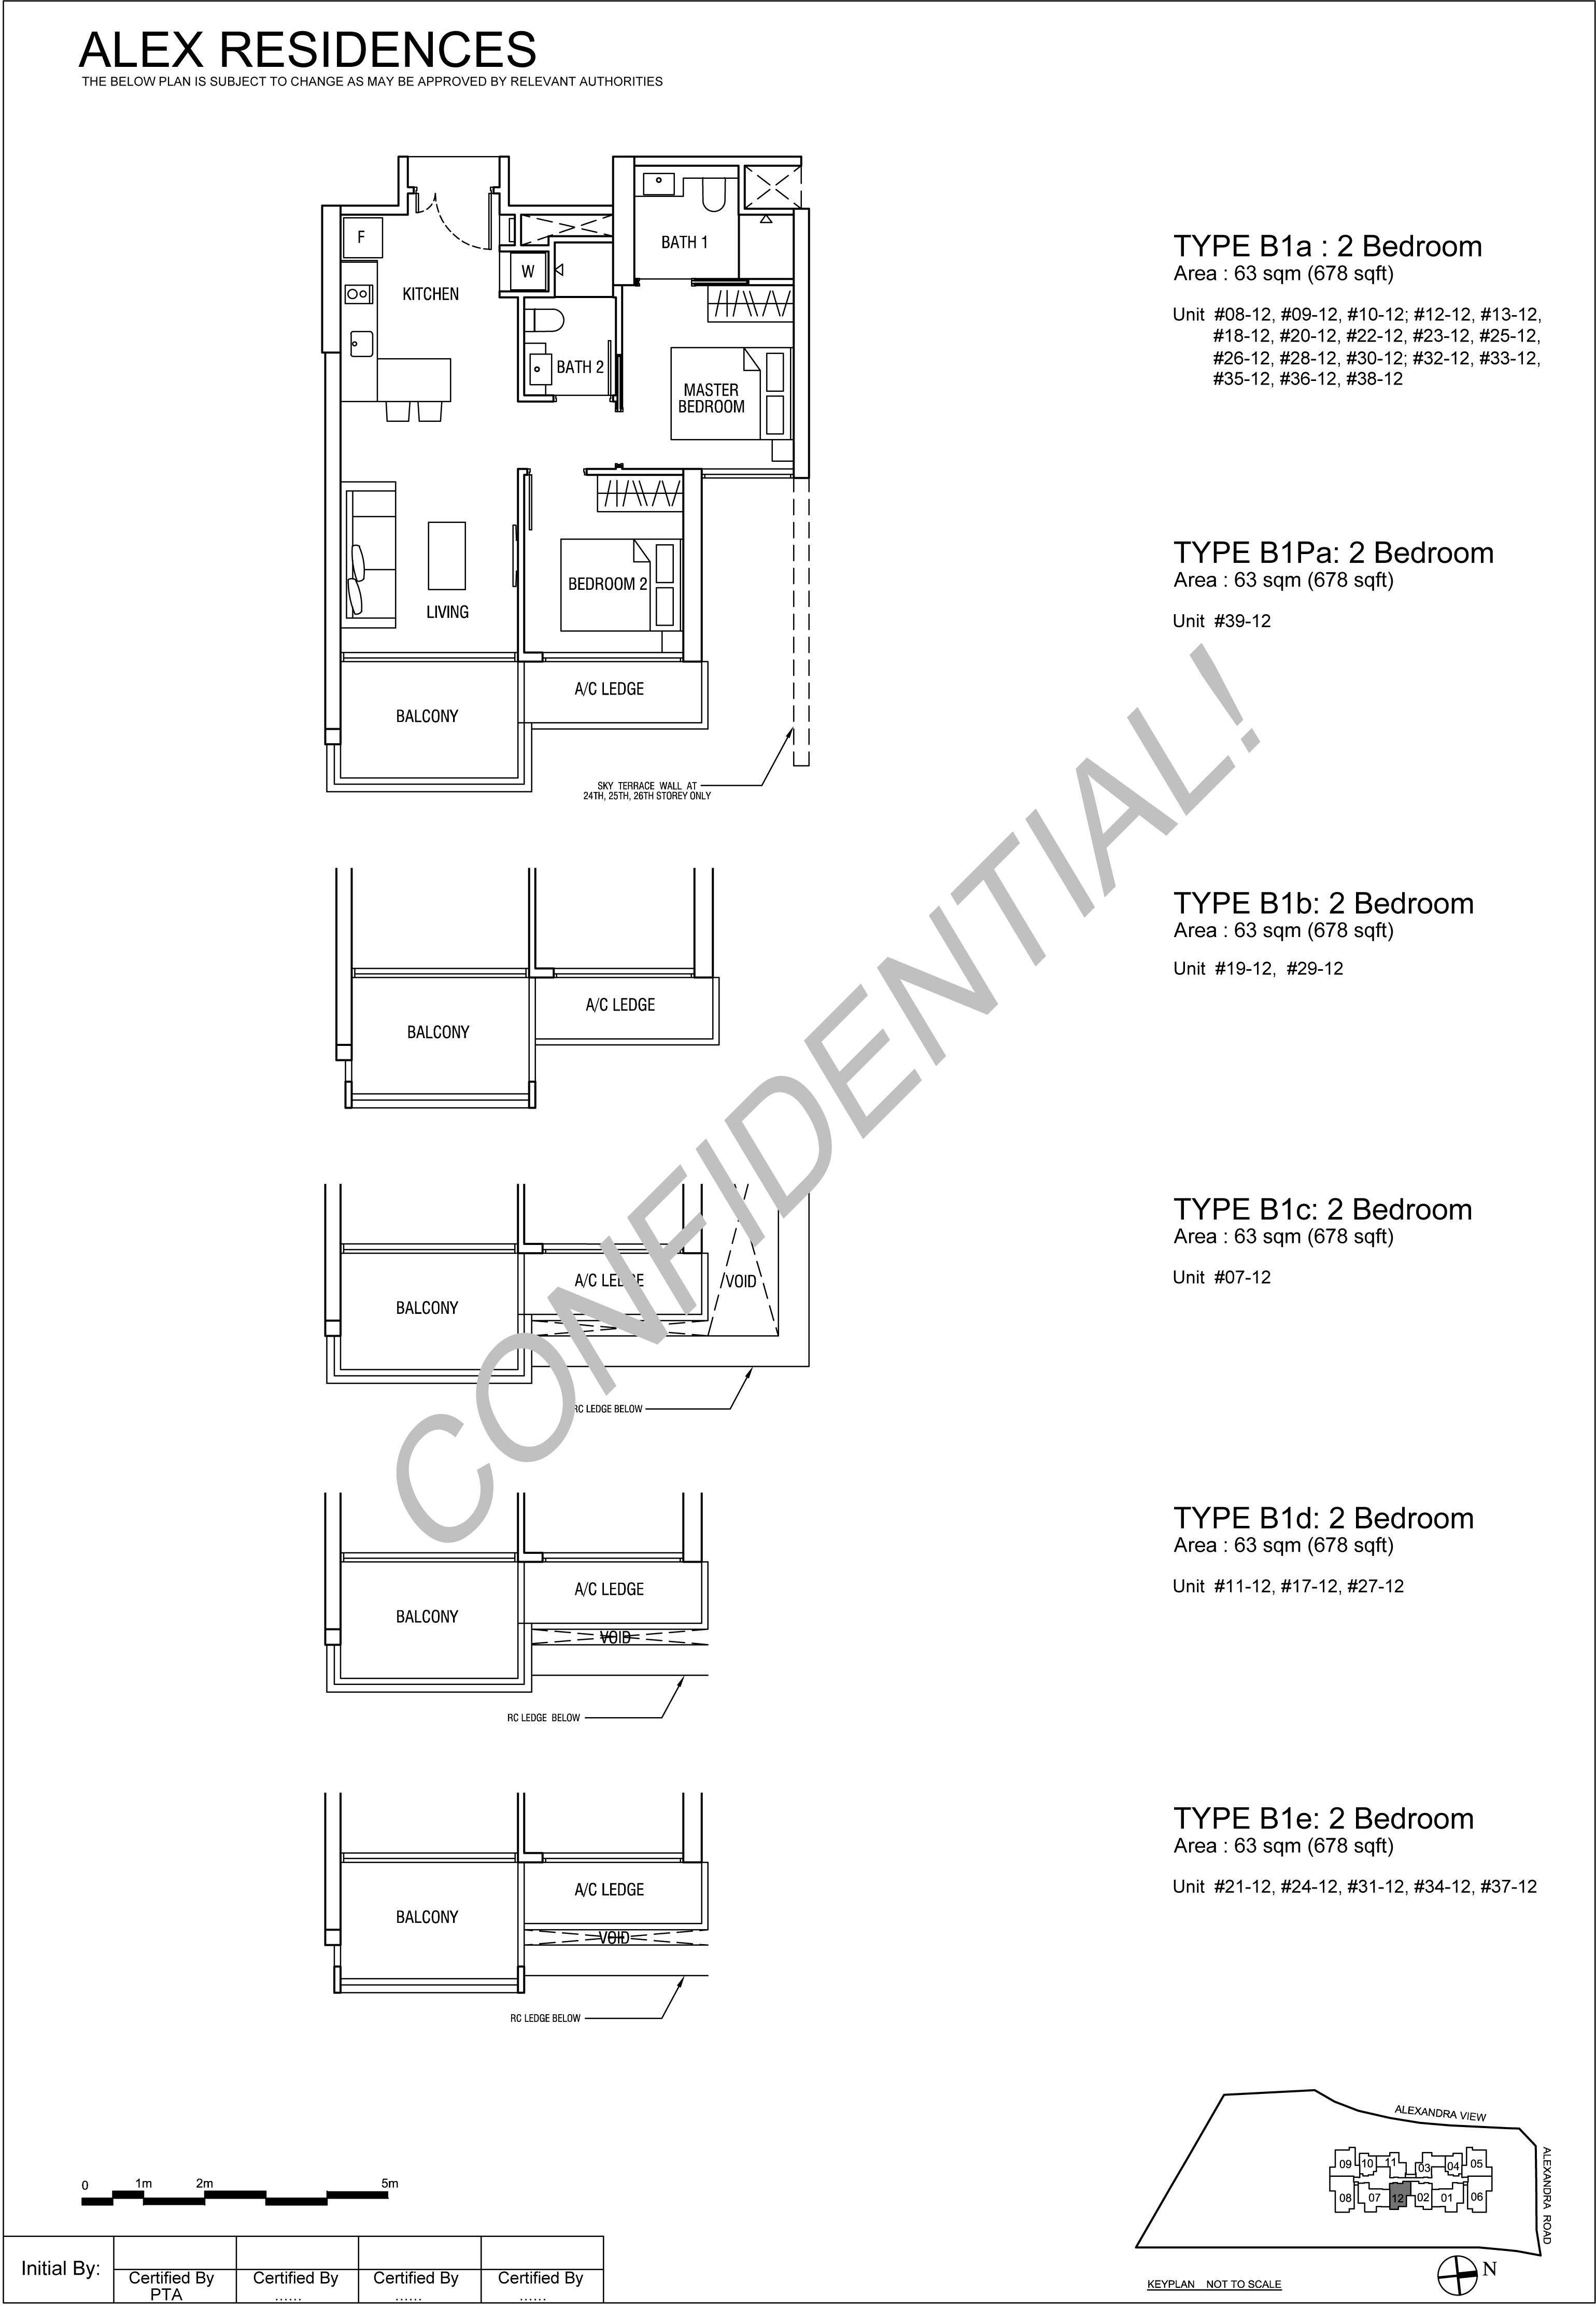 TYPE-B1-2-Bedroom